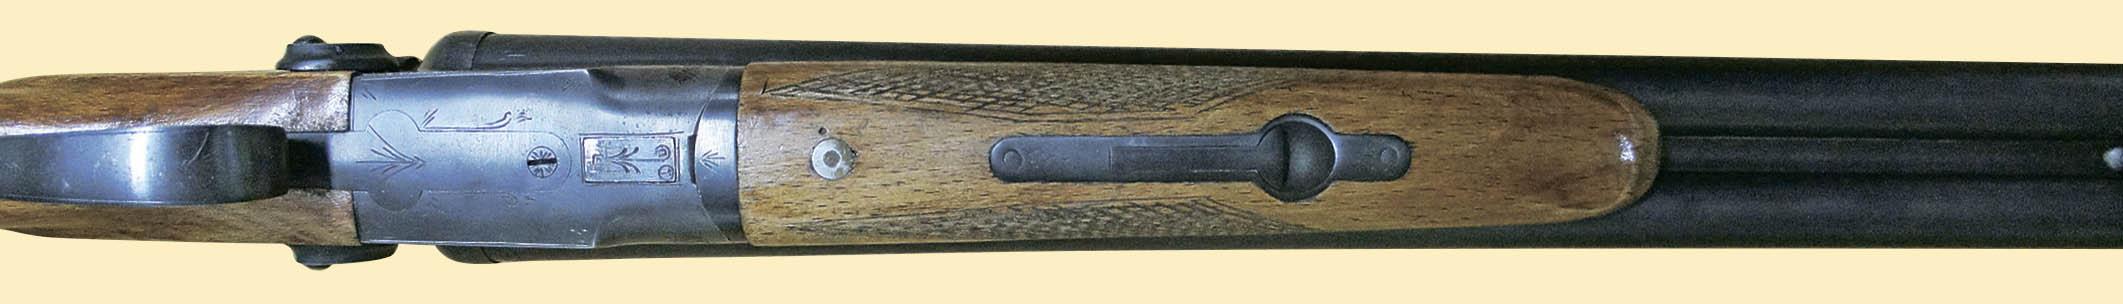 Ствольная коробка ТОЗ-63. Вид снизу. Хорошо видно съёмное цевьё